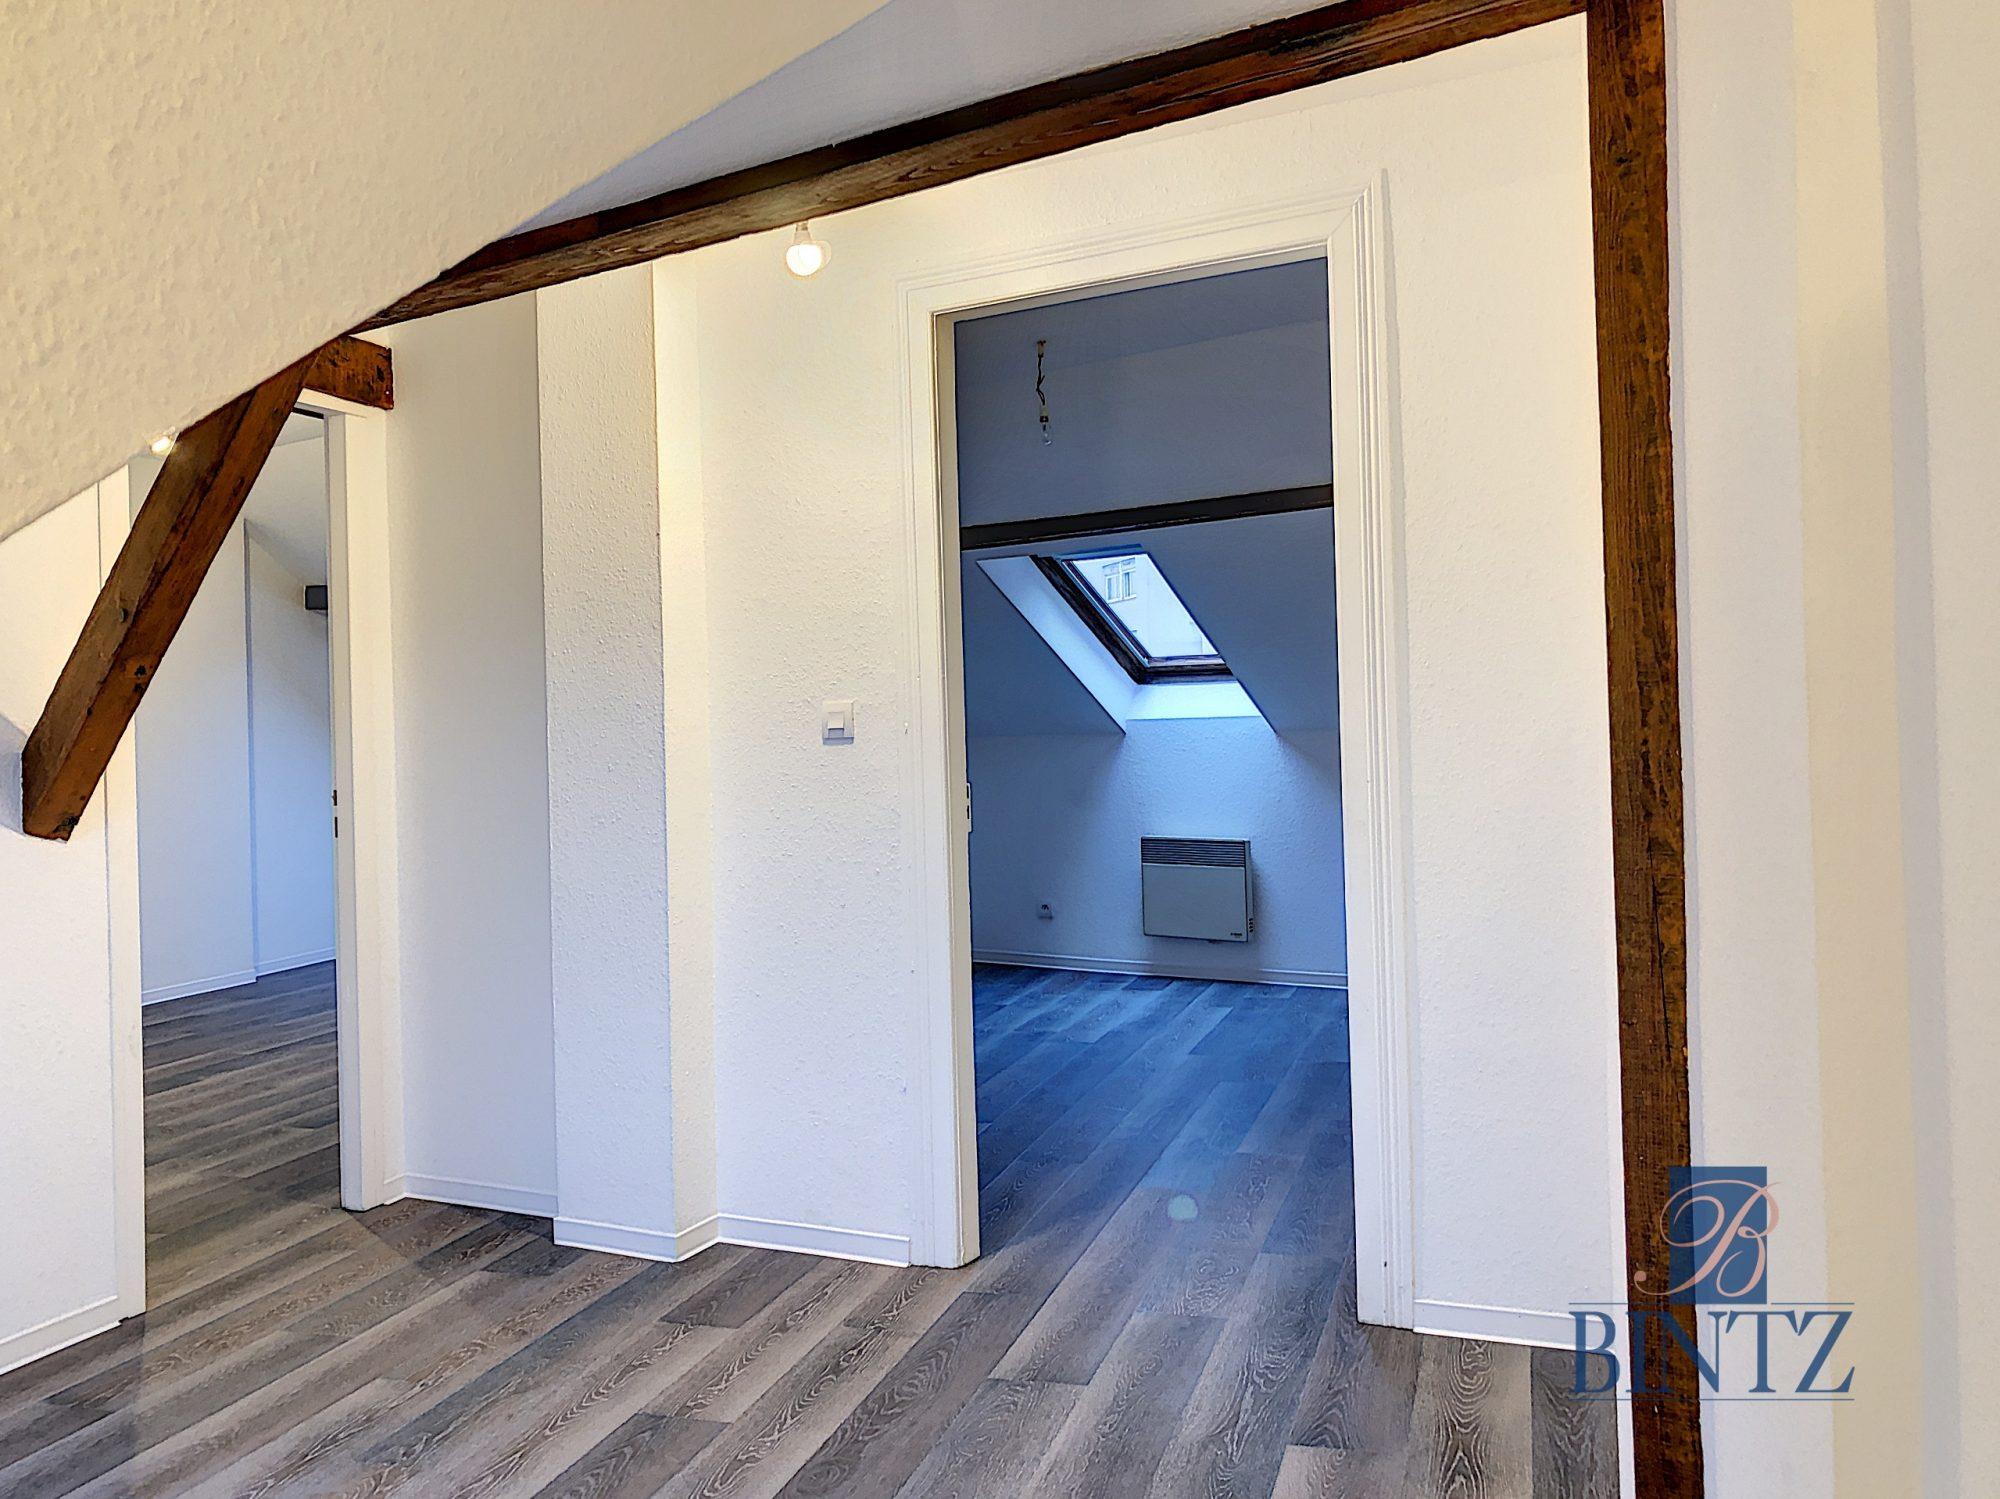 4 PIECES EN DUPLEX KRUTENAU - Devenez locataire en toute sérénité - Bintz Immobilier - 8